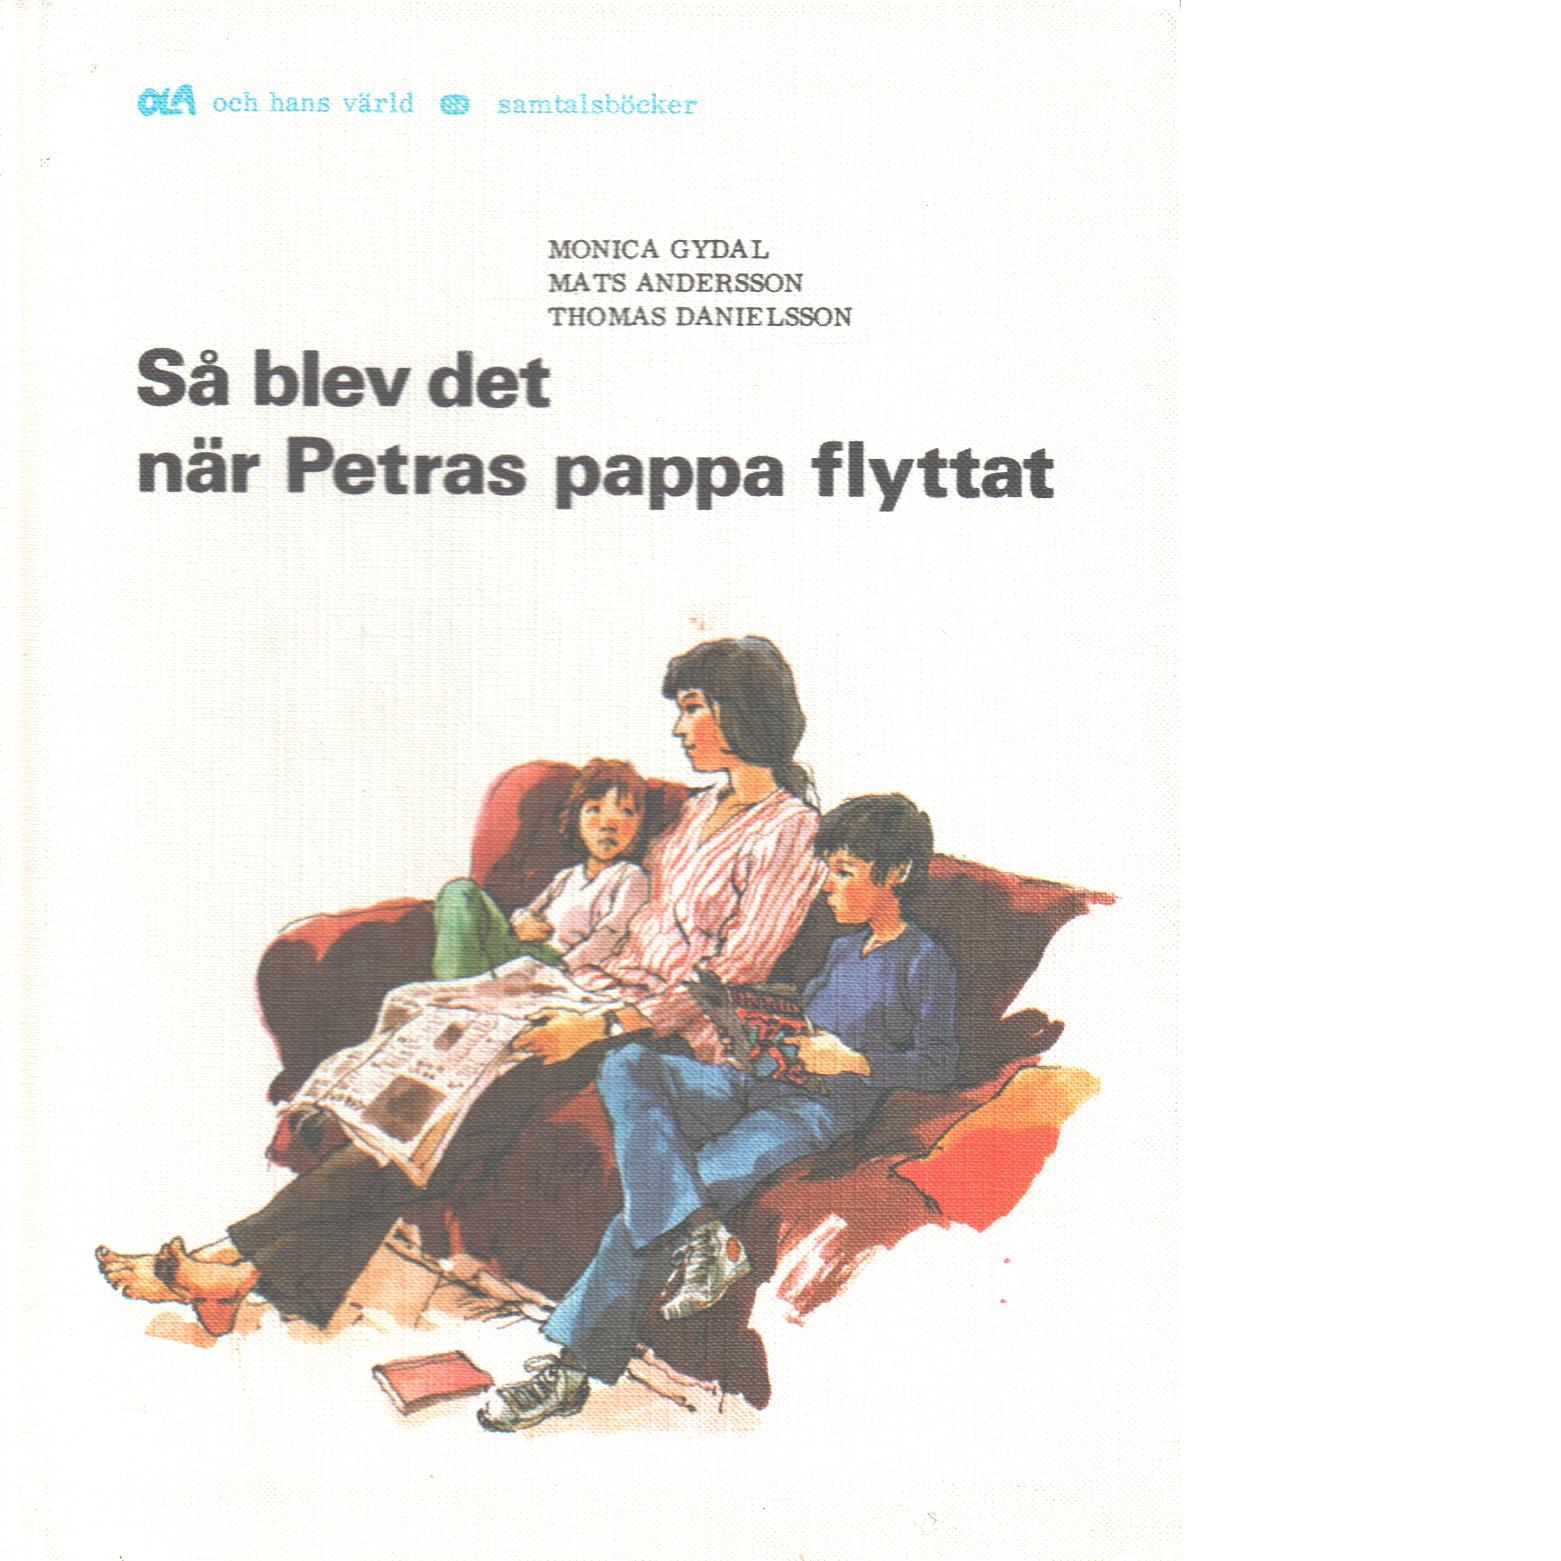 Så blev det när Petras pappa flyttat - Gydal, Monica och Andersson, Mats samt Danielsson, Thomas,